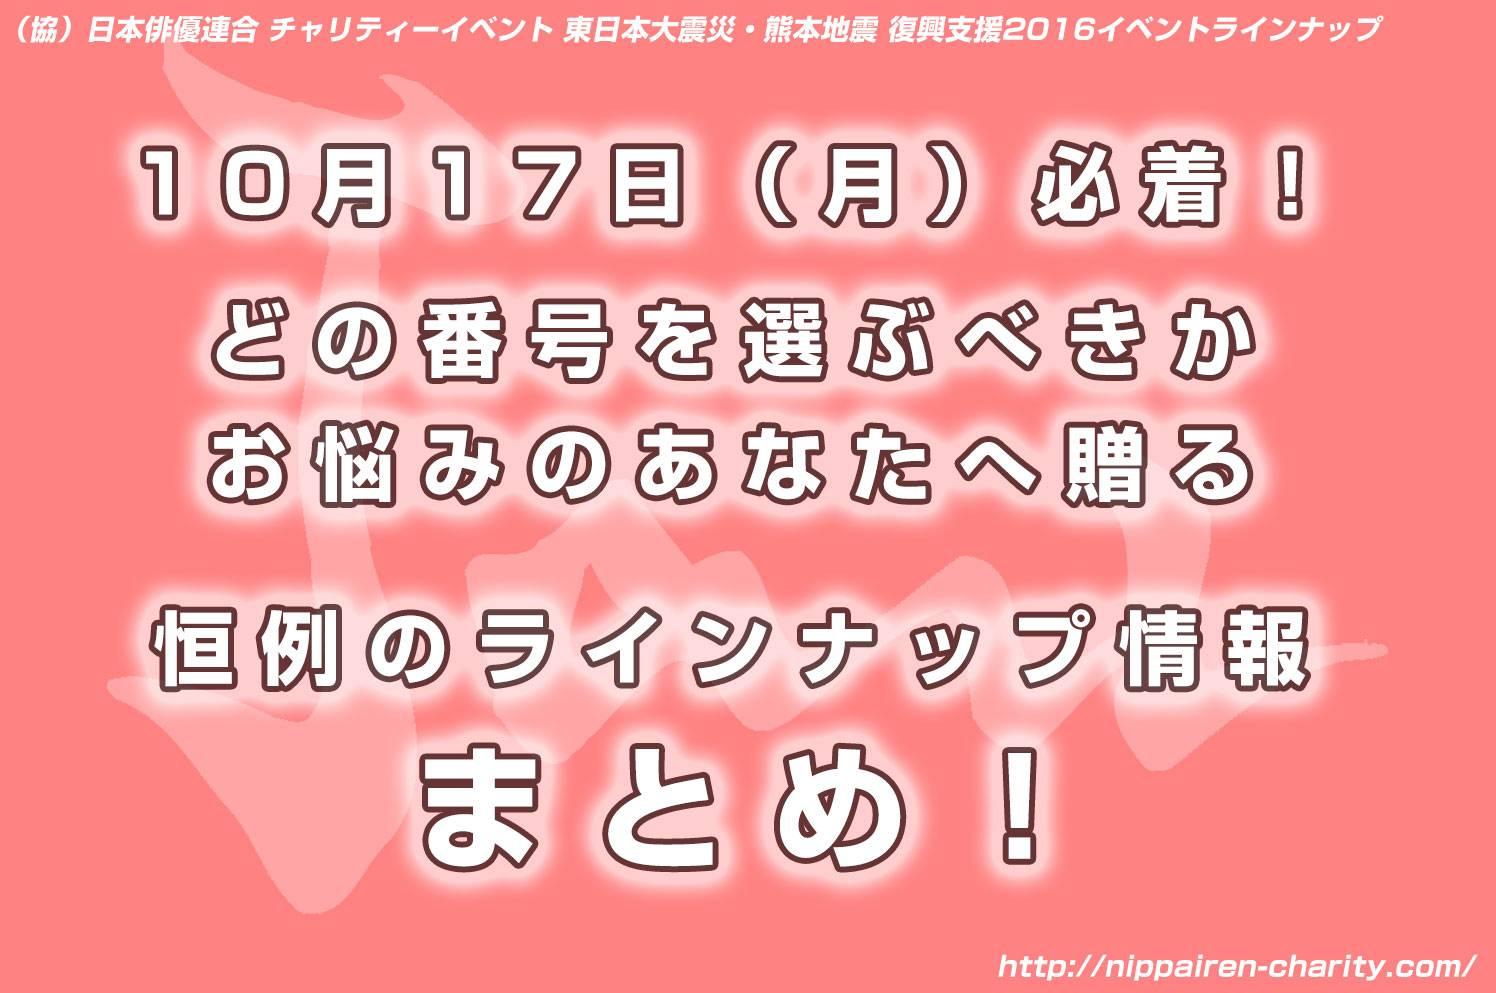 ラインナップ情報(ぷち)まとめ!